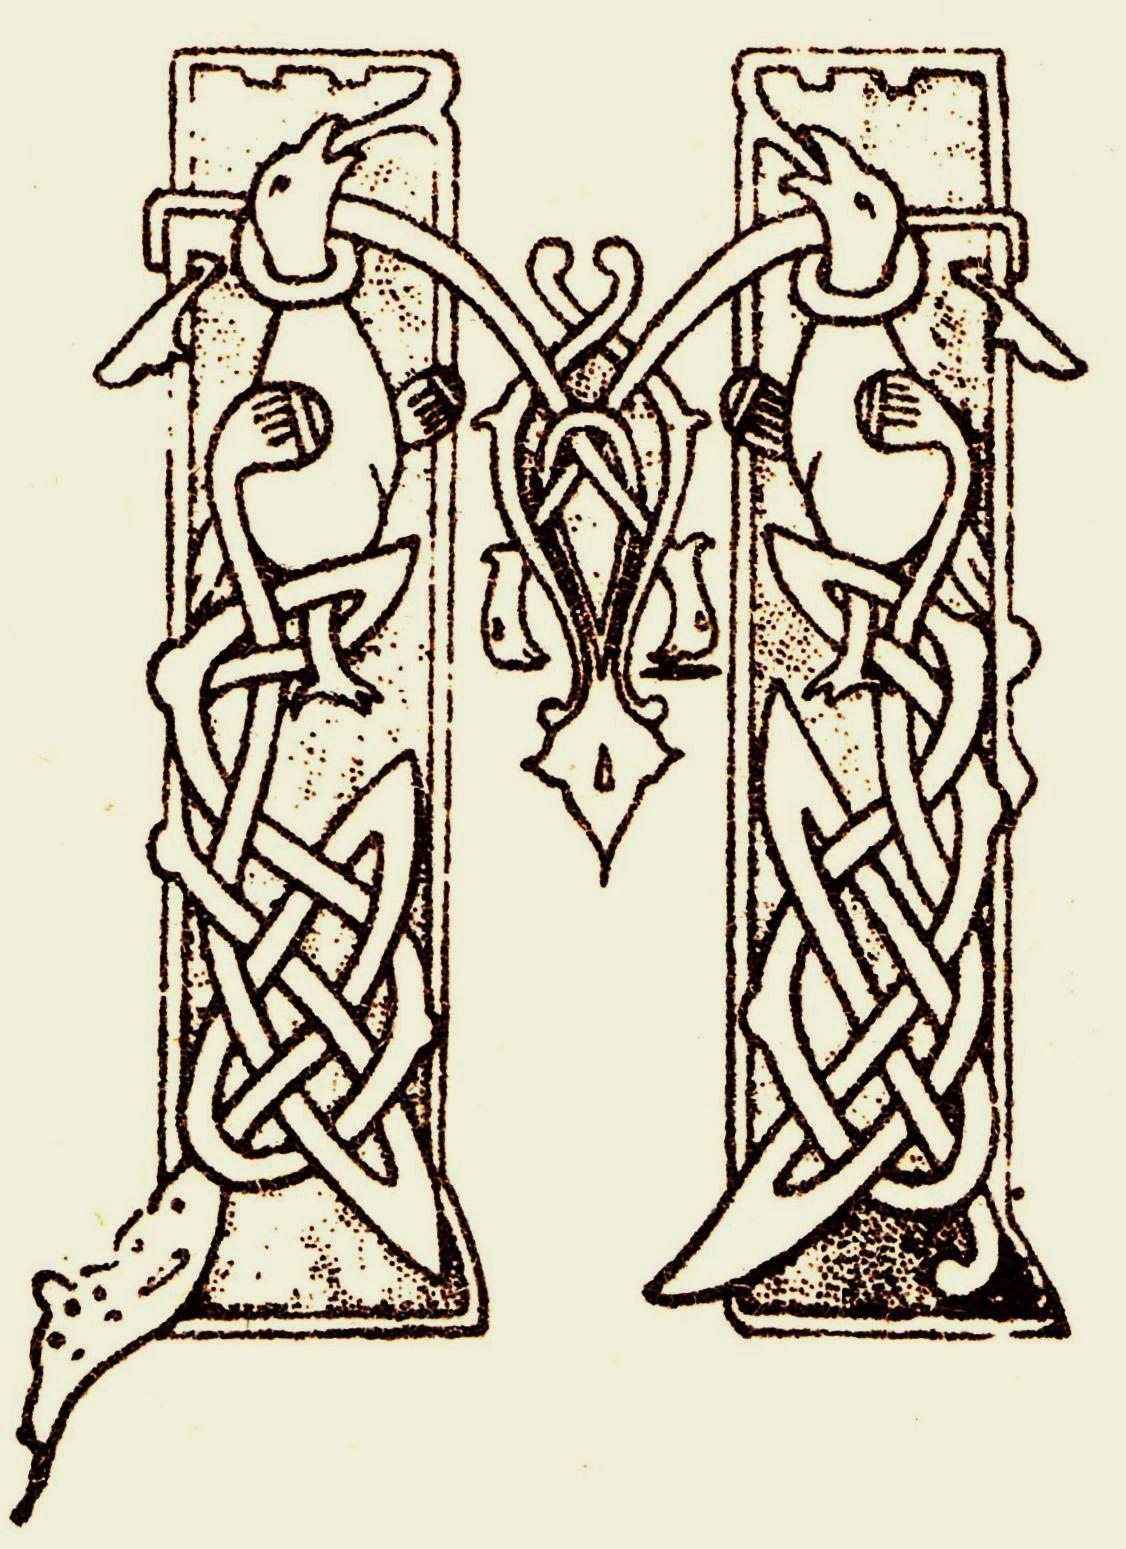 поклейка старославянский алфавит картинки для раскрашивания себе готовые строящиеся